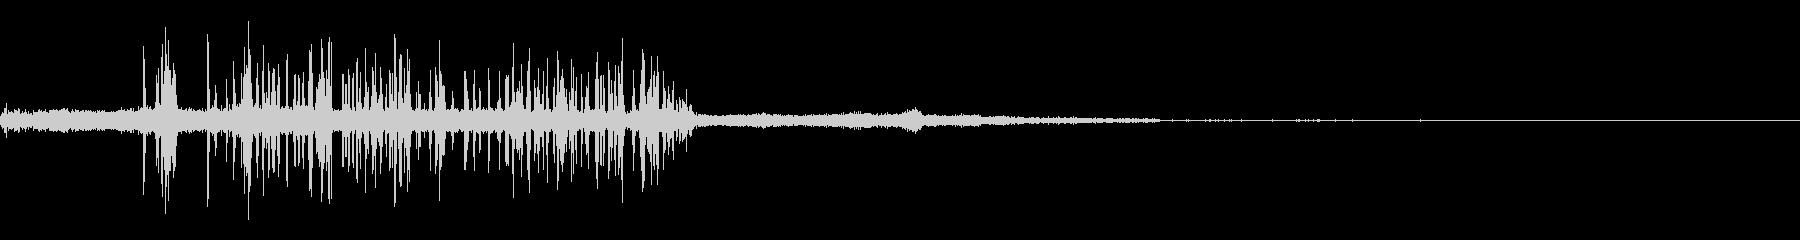 電気ジューサー1:大:開始、オレン...の未再生の波形